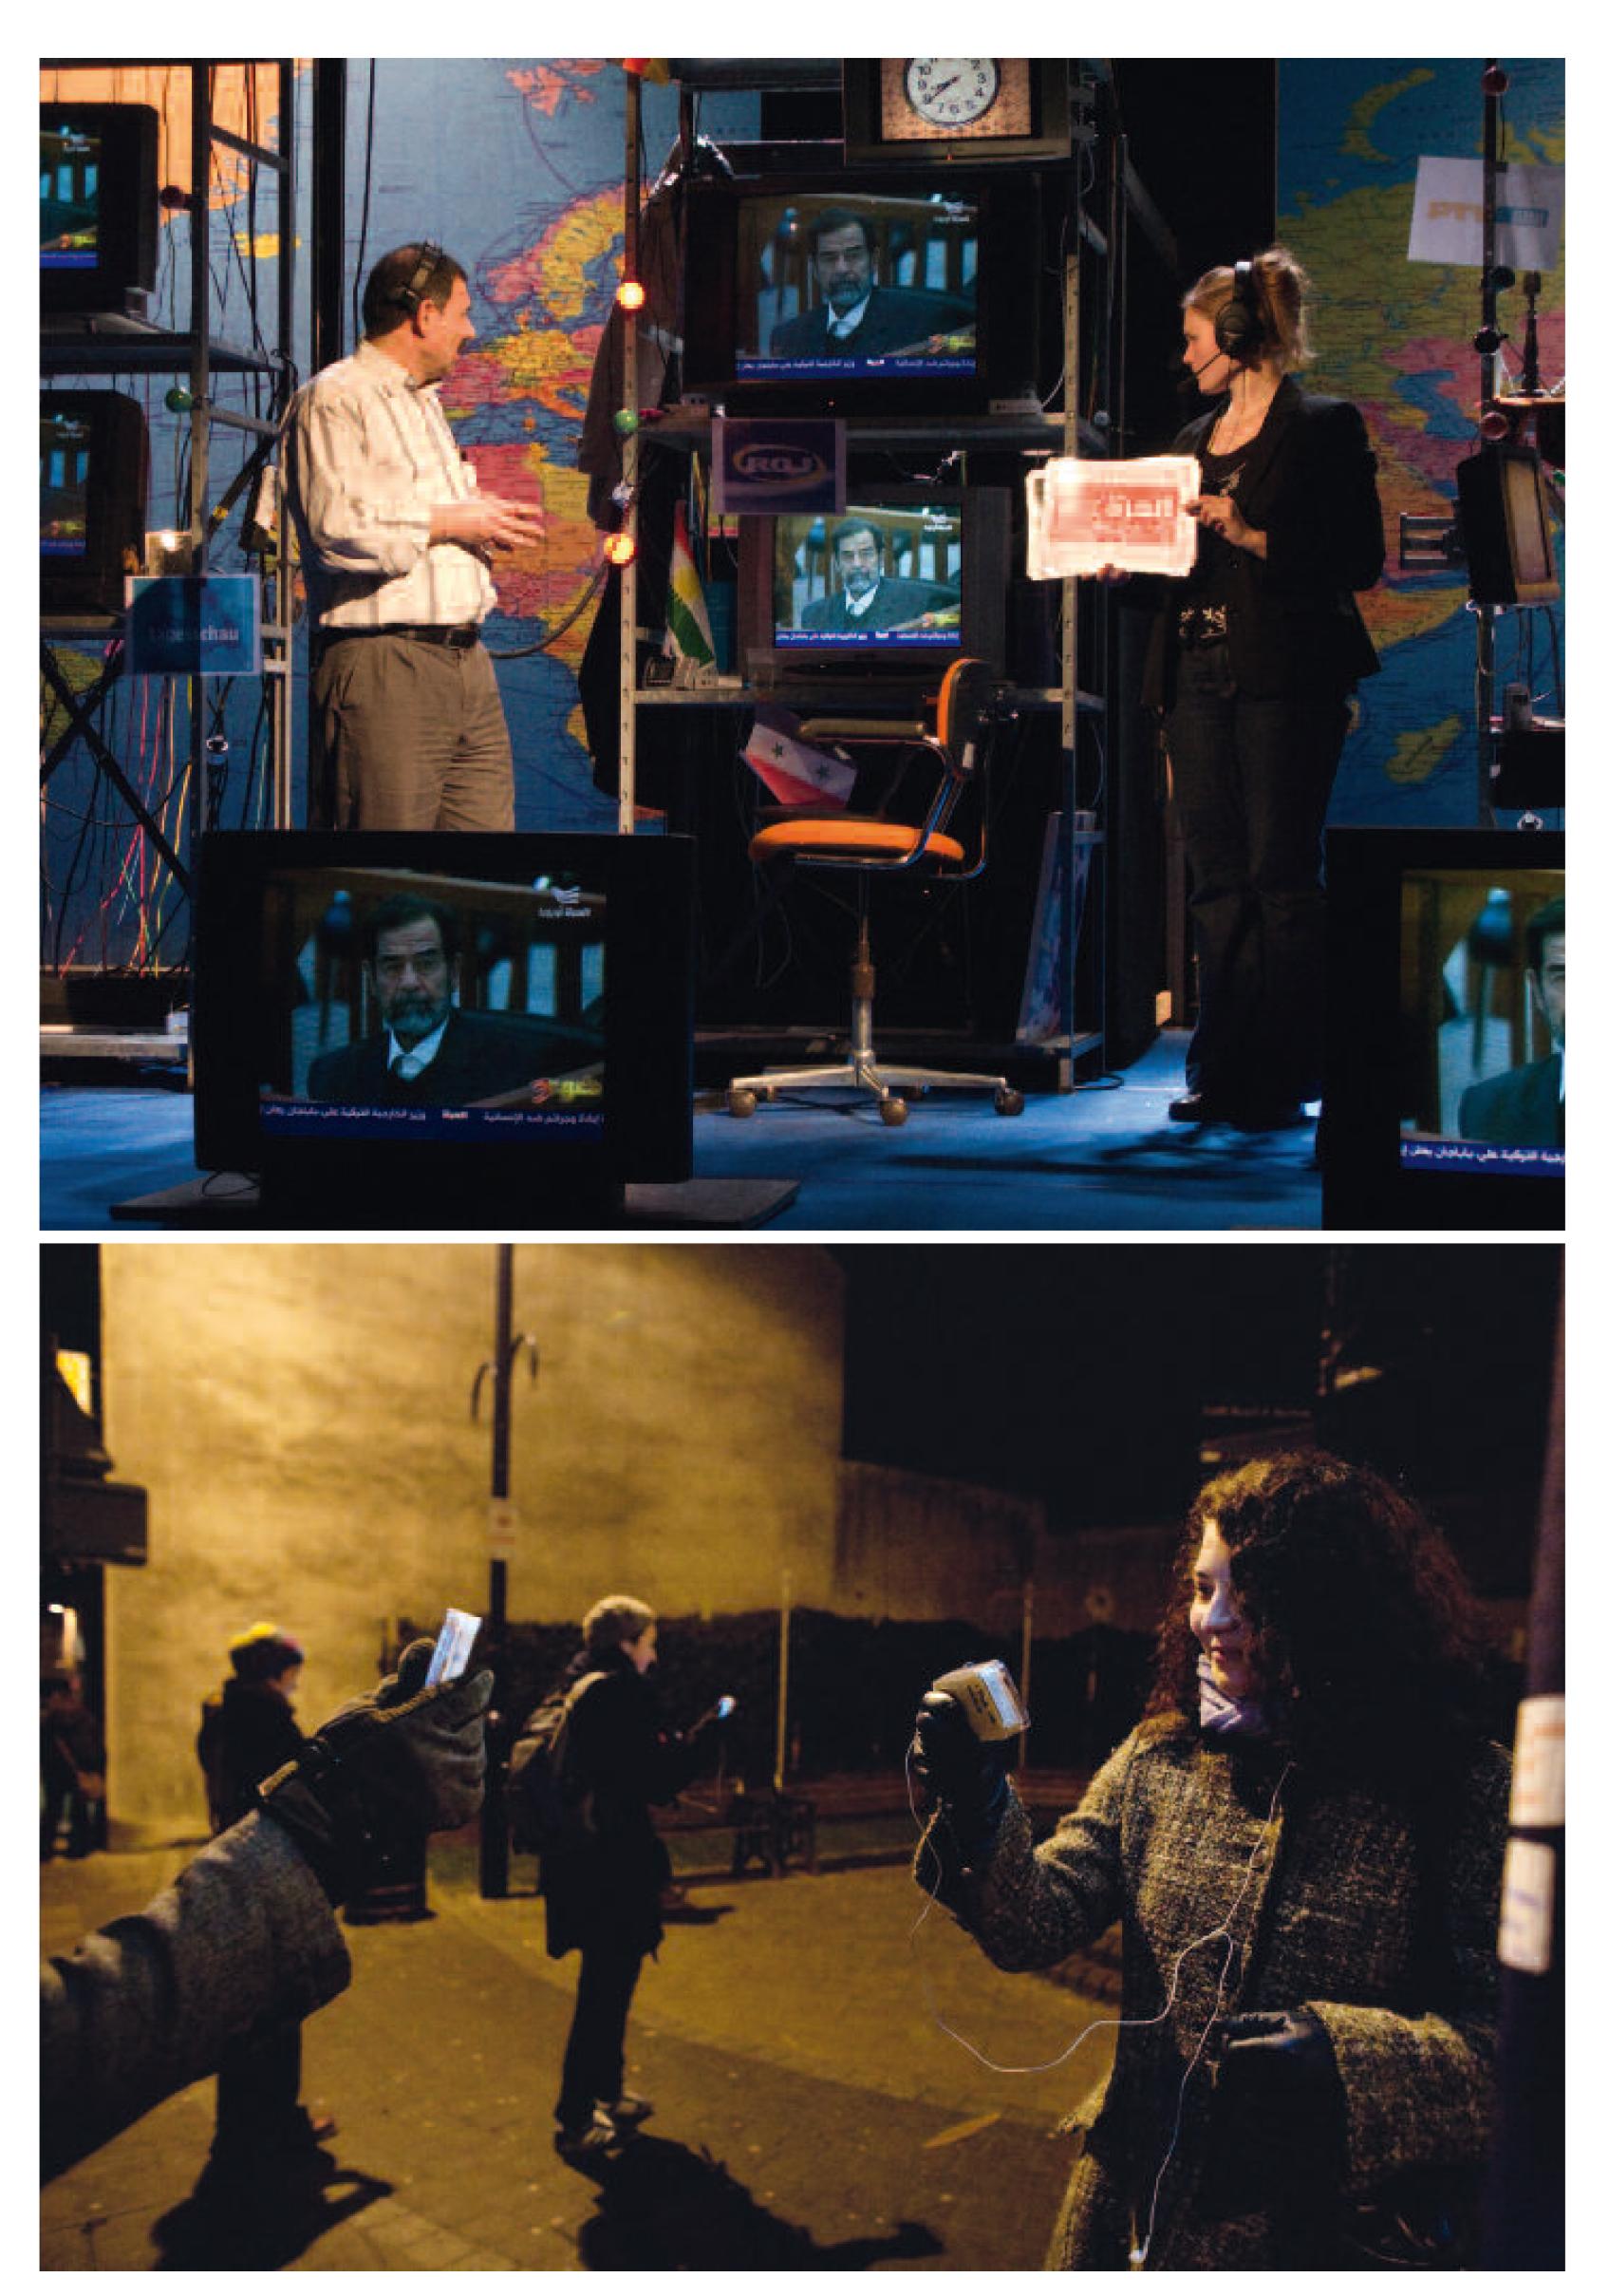 Nachrichten-Theater, live aus Bagdad (-> Breaking News); Multiplayer Video Walk, Probe in Aberystwyth, 2011 (-> Outdoors)